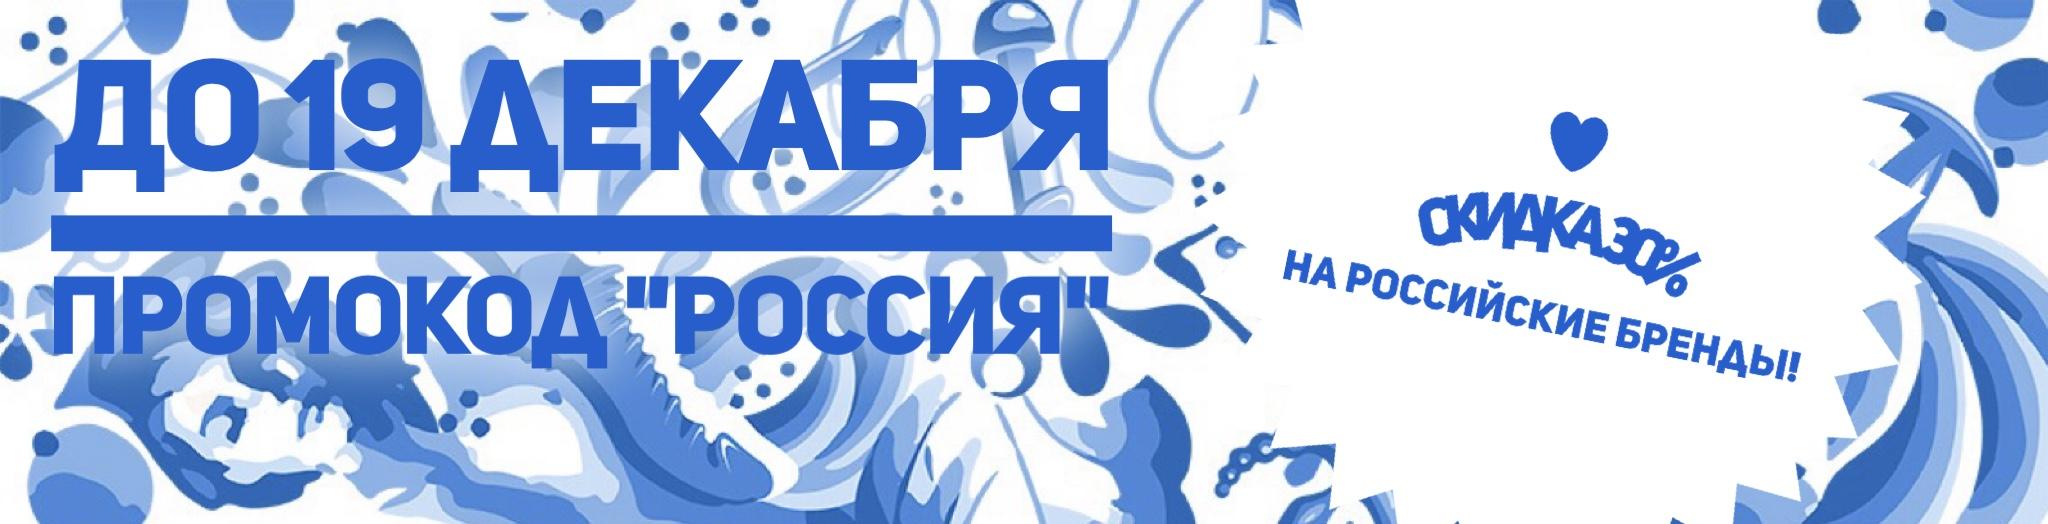 Скидка 30% на российский бренды